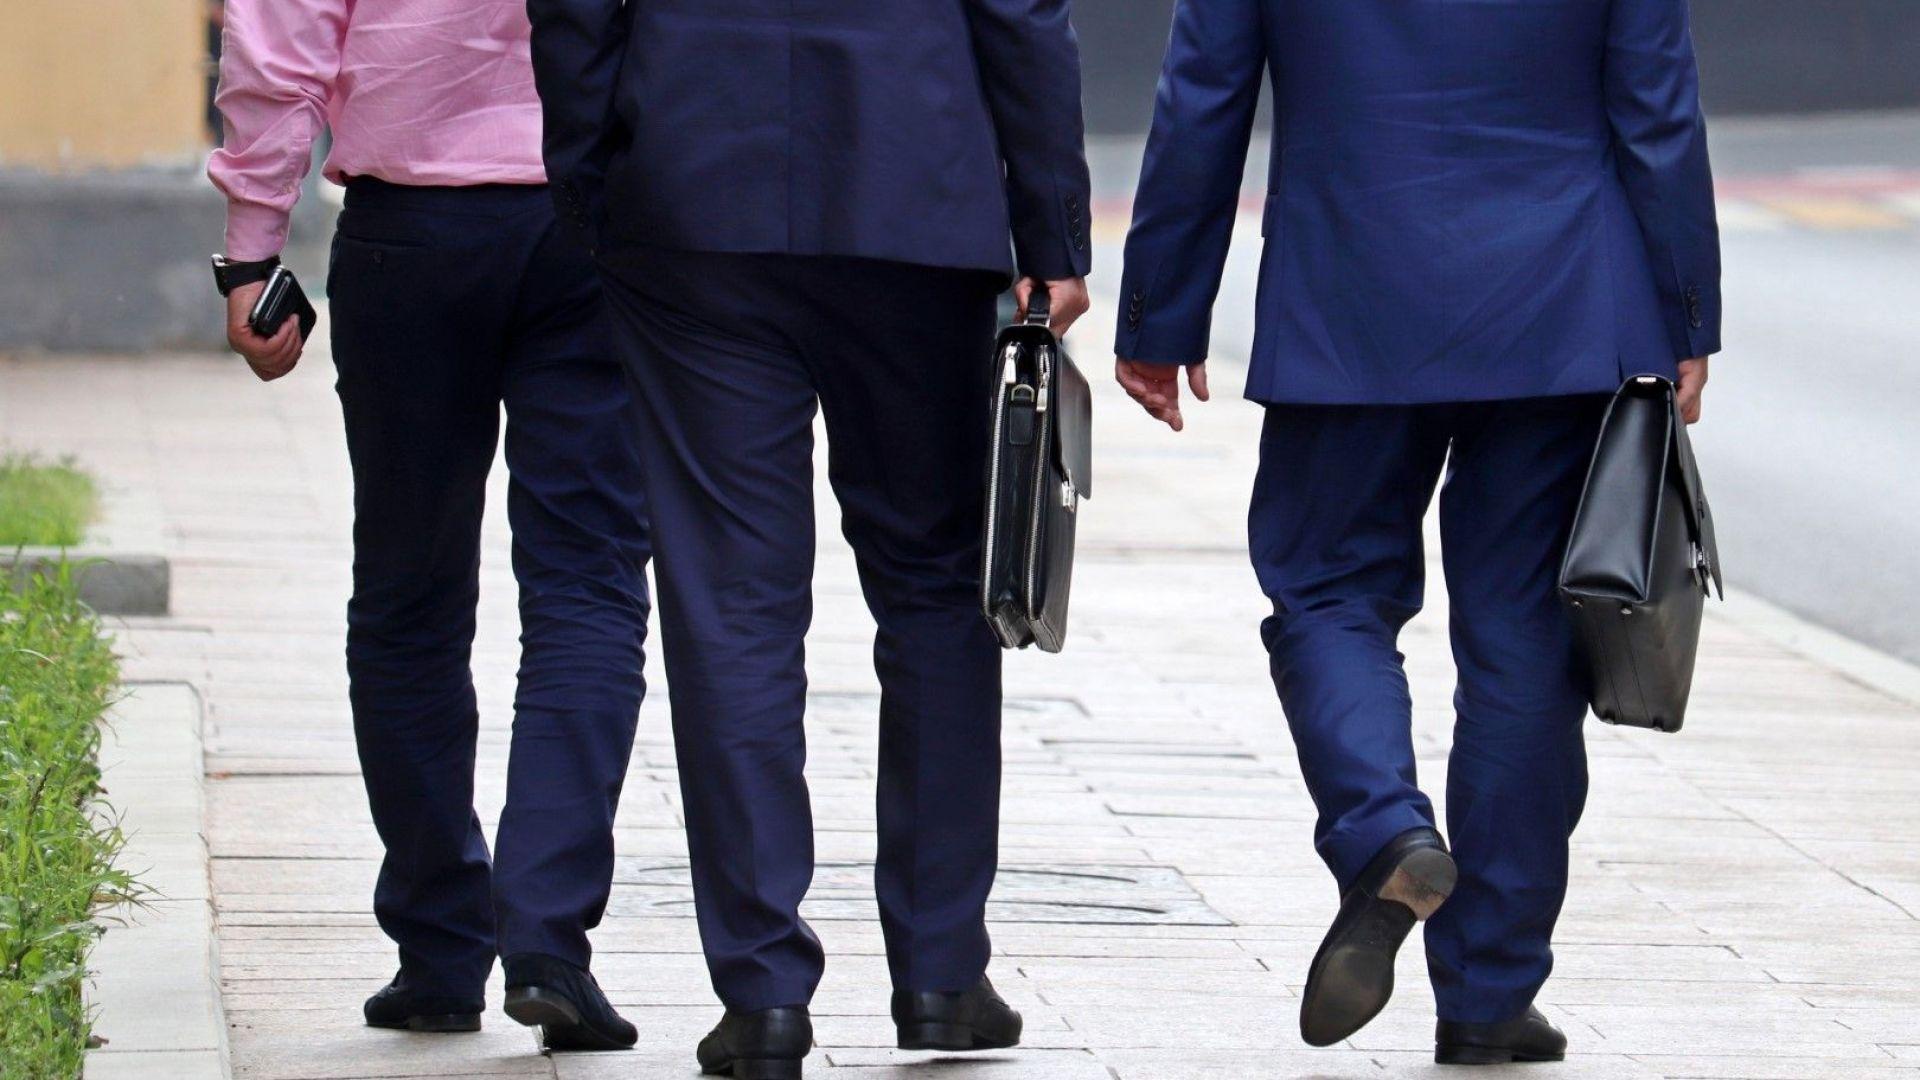 Нидерландия обяви за персона нон грата двама руски дипломати заради шпионаж